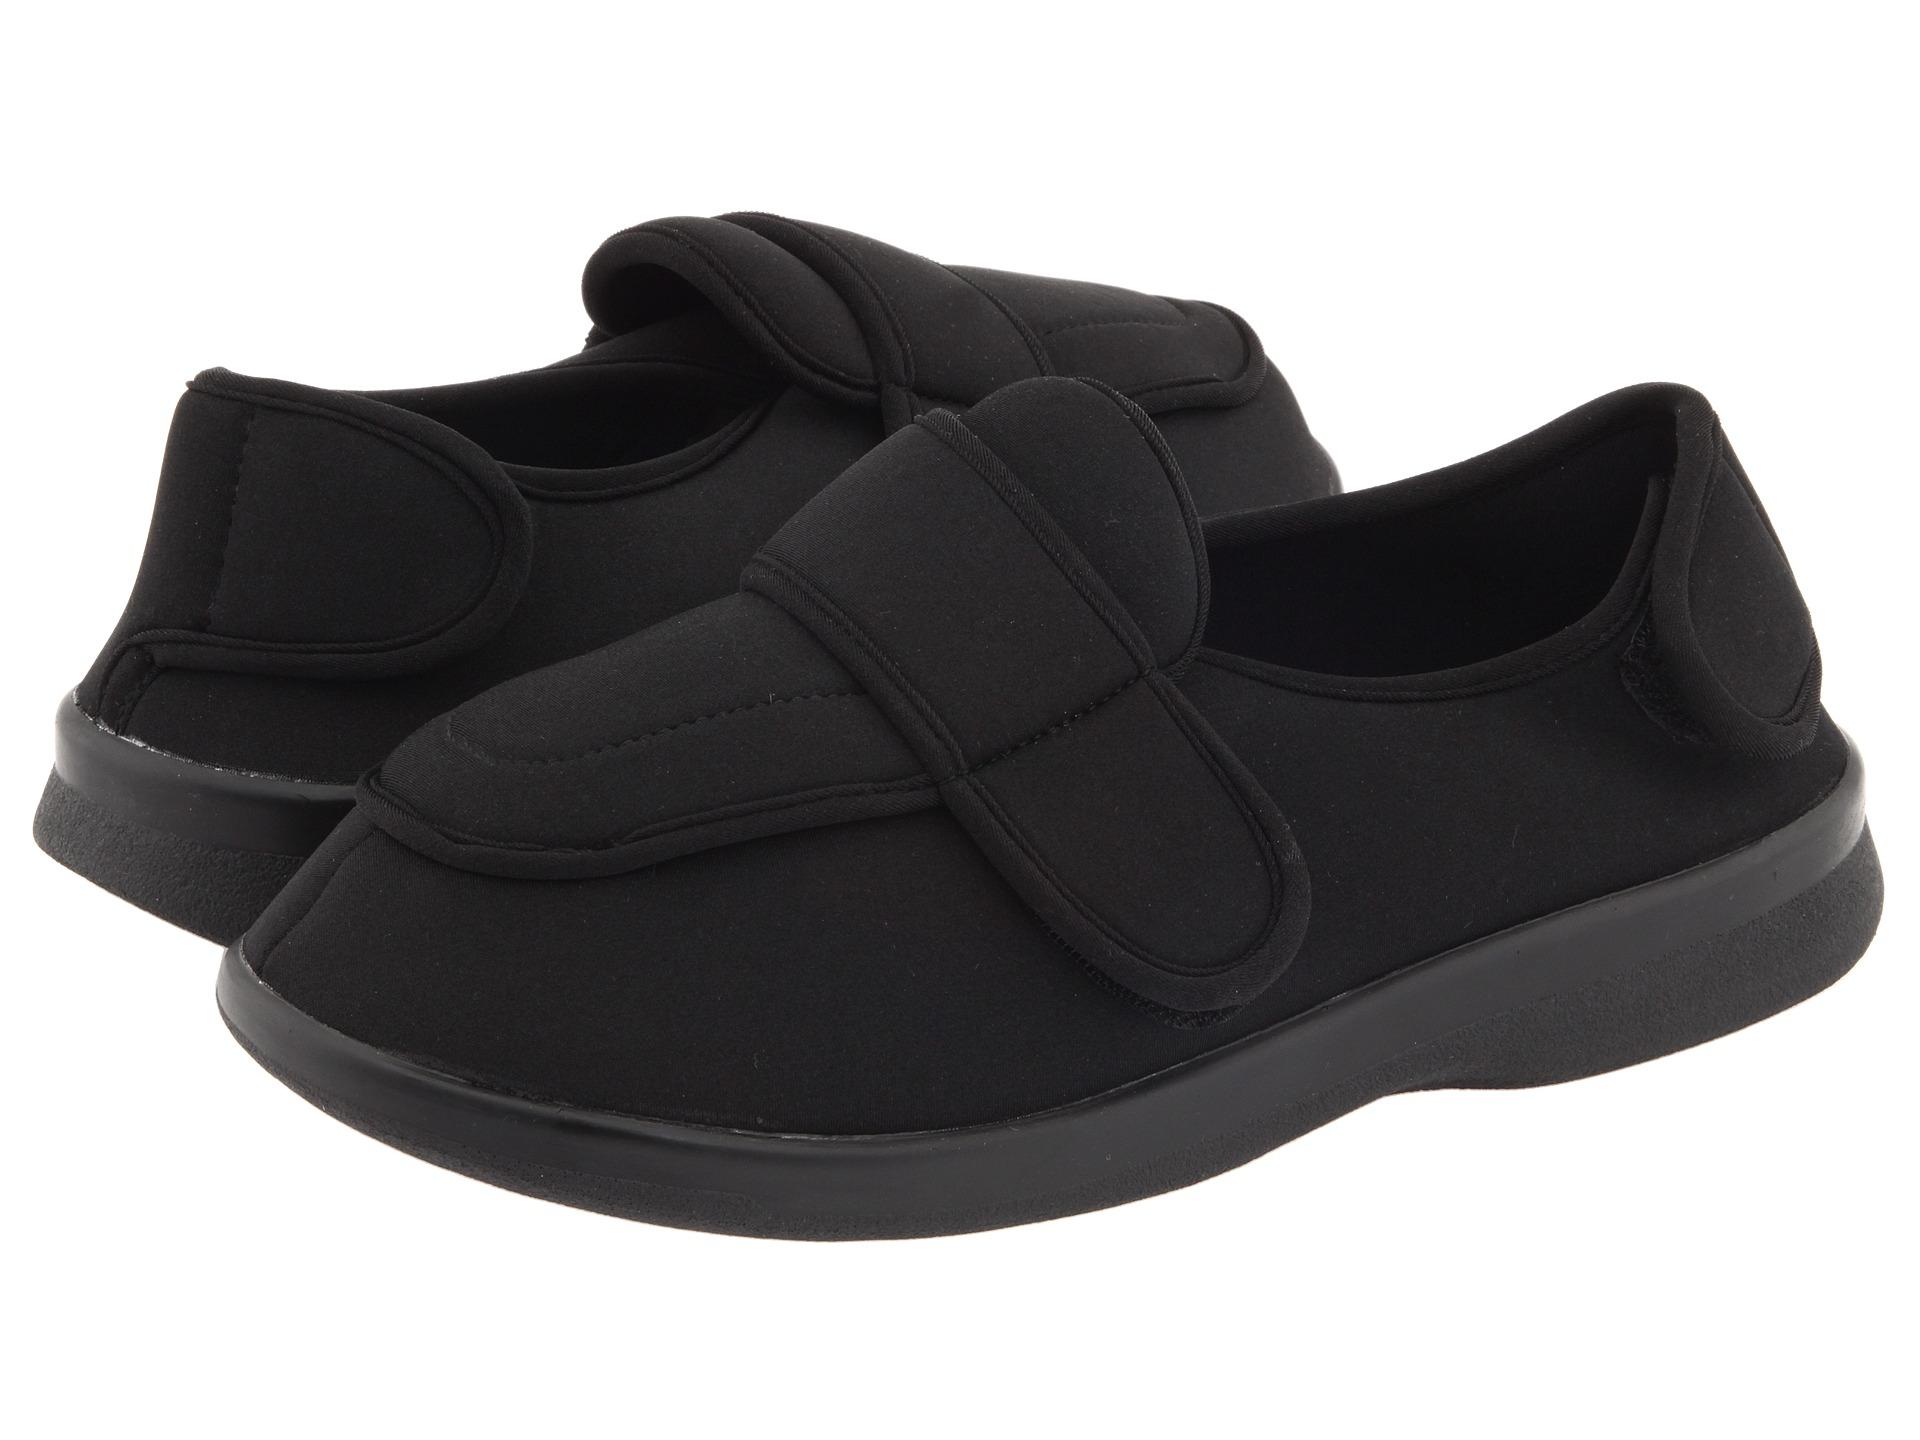 Mens Diabetic Shoes Size